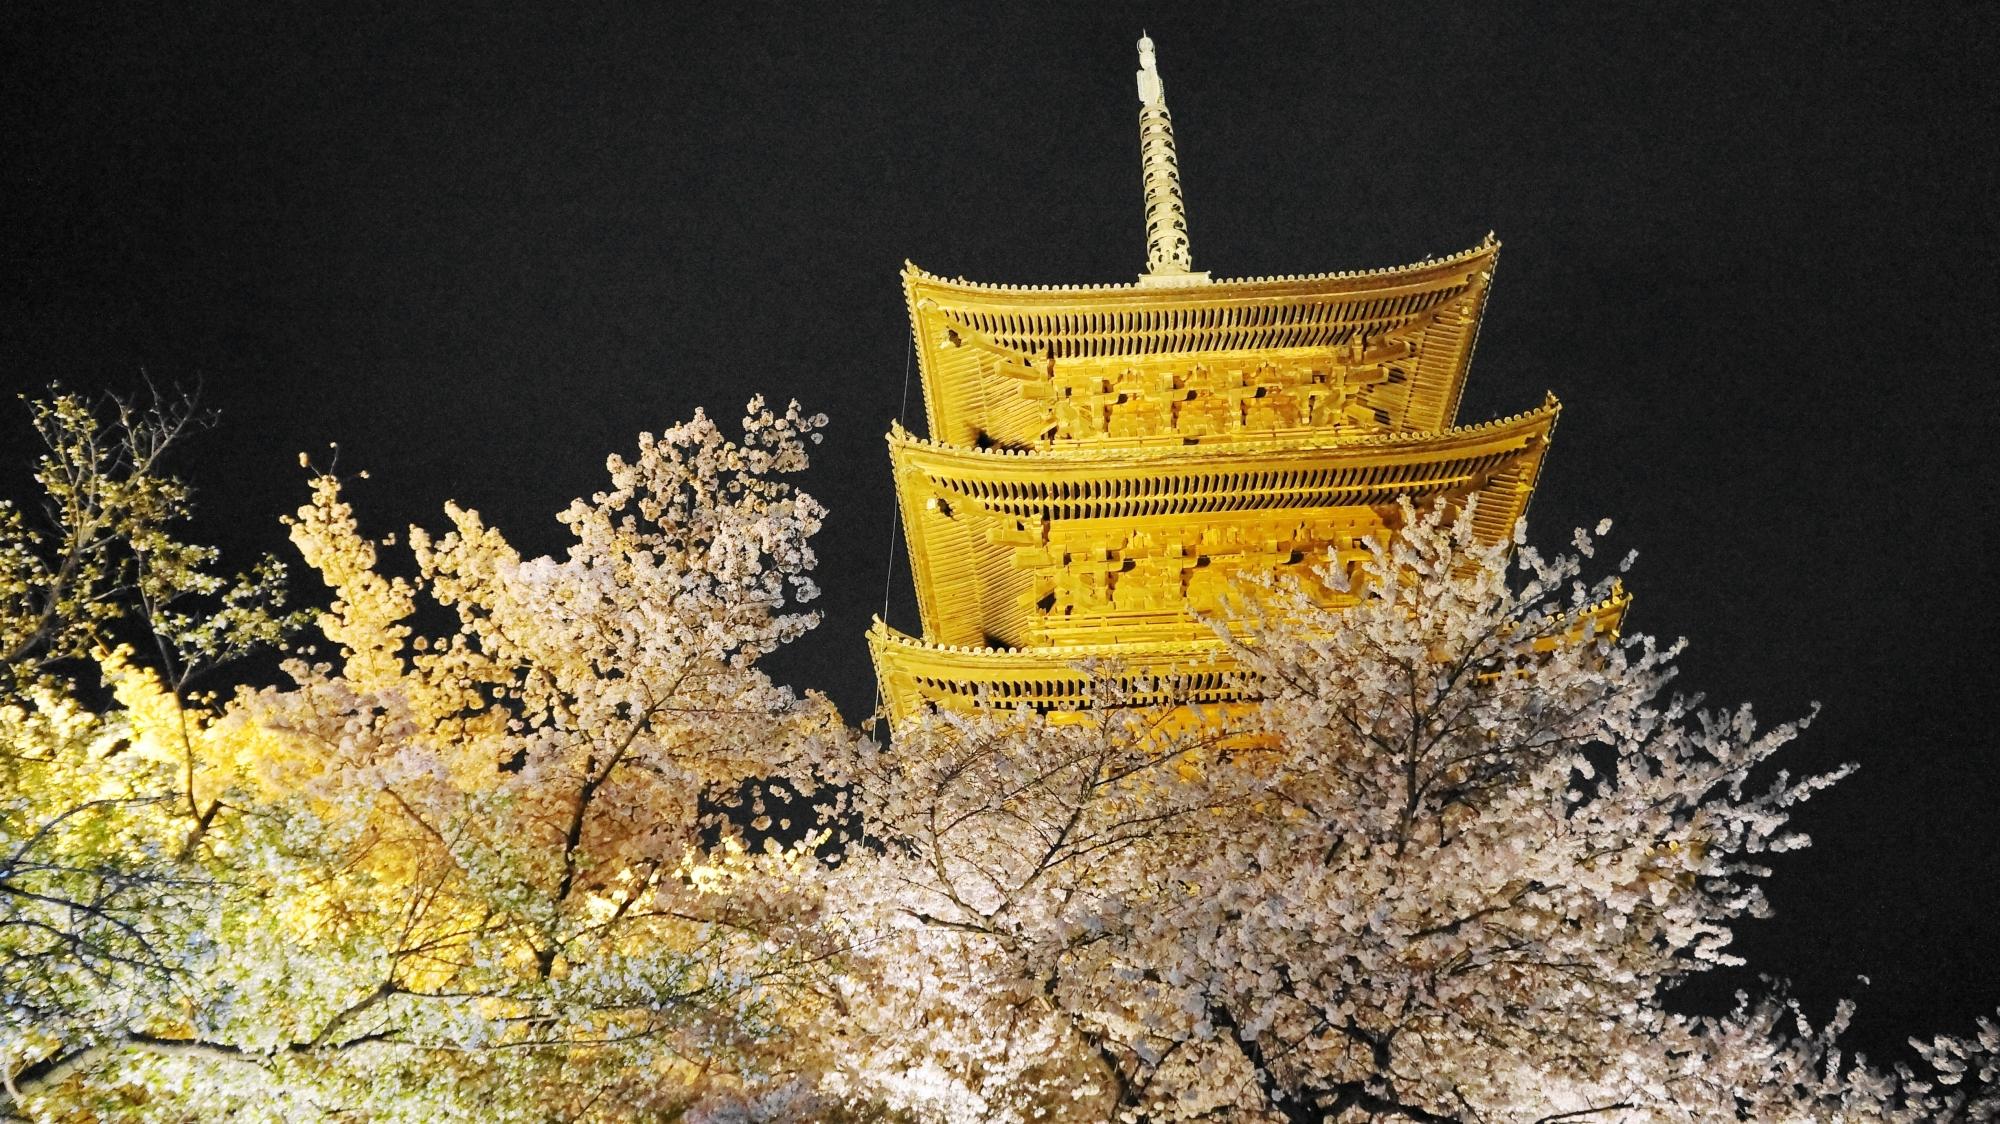 金色に照らされた五重塔と桜の幻想的な雰囲気